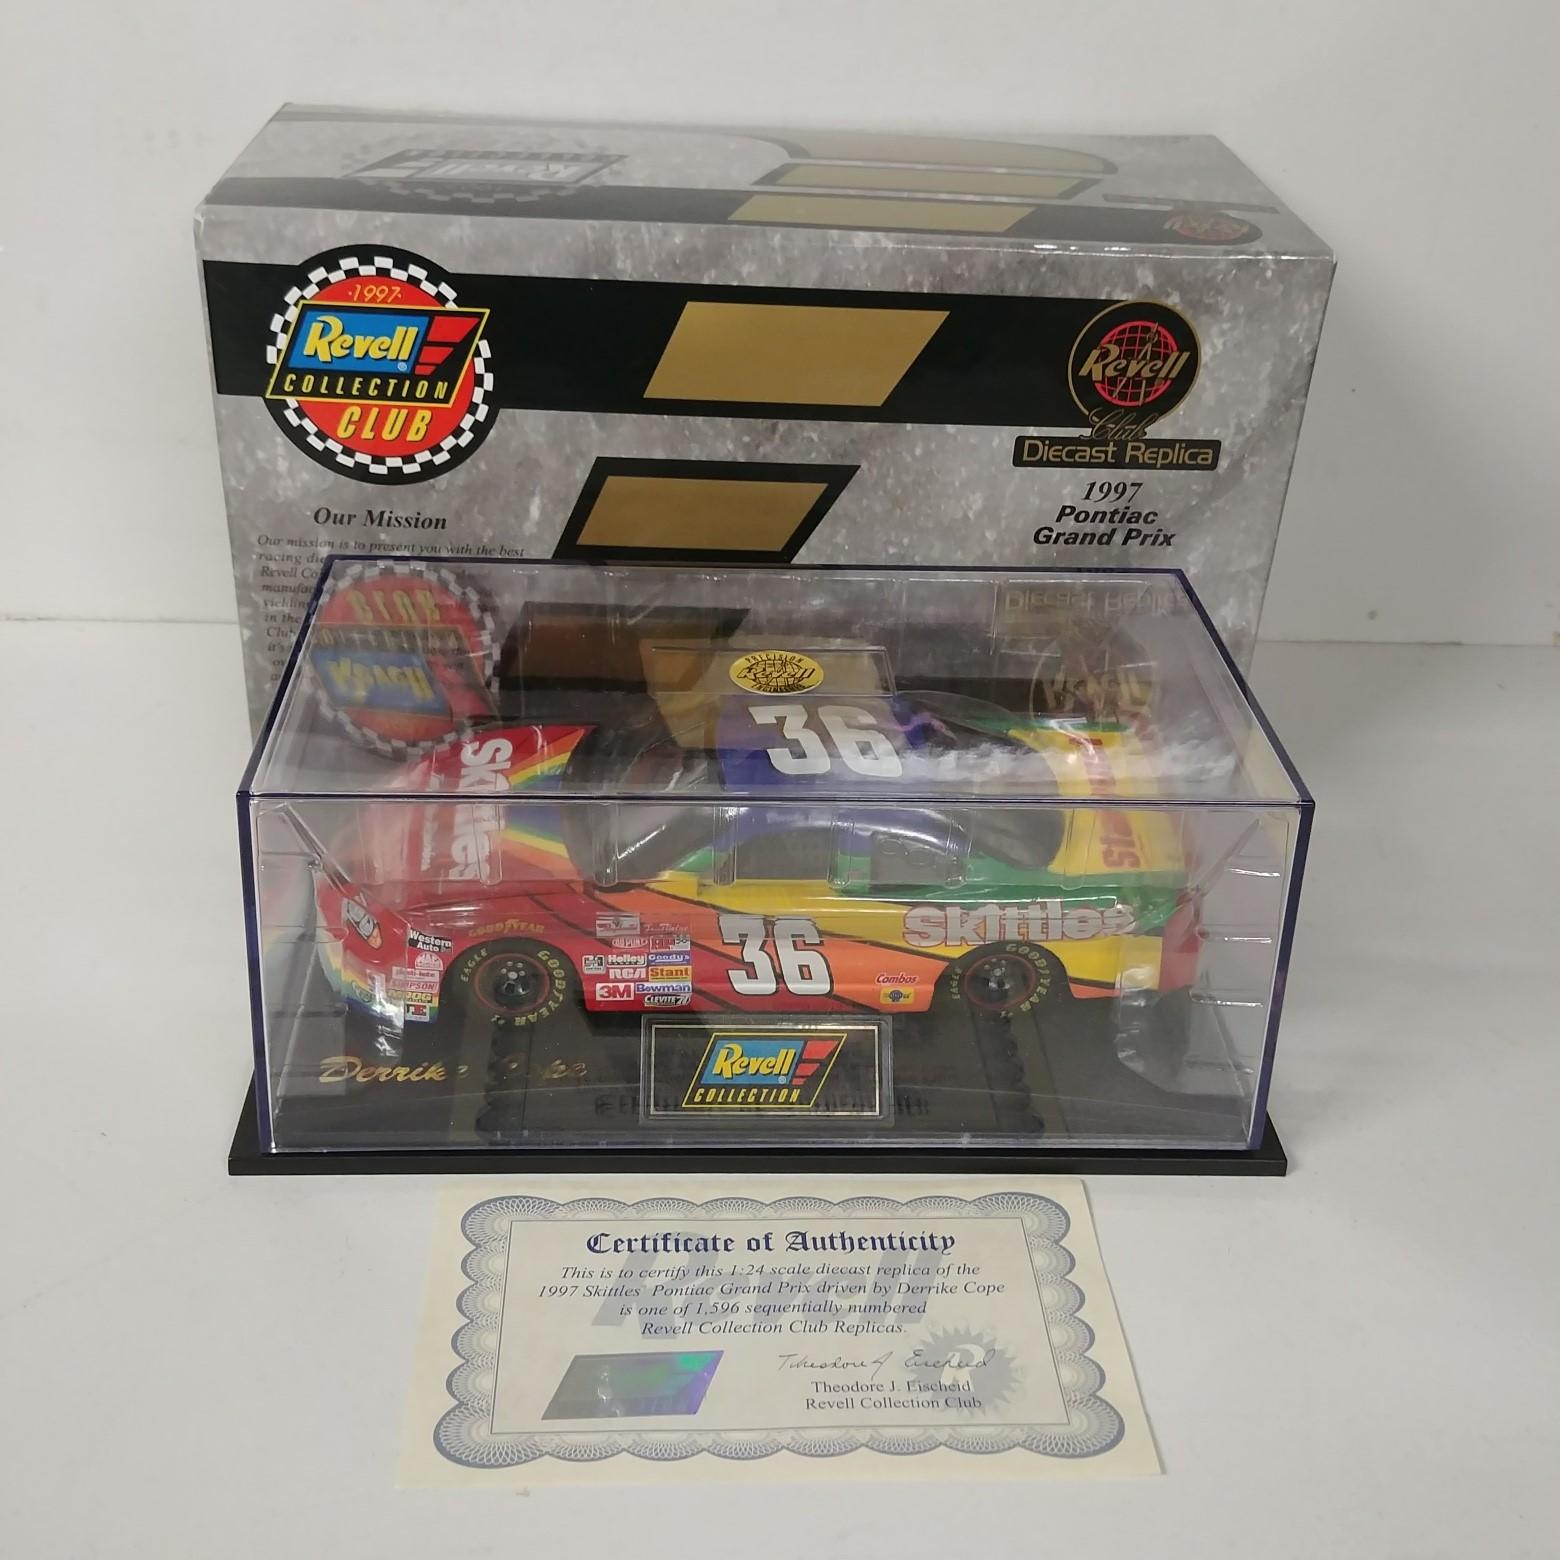 1997 Derrike Cope 1/24th Skittles car